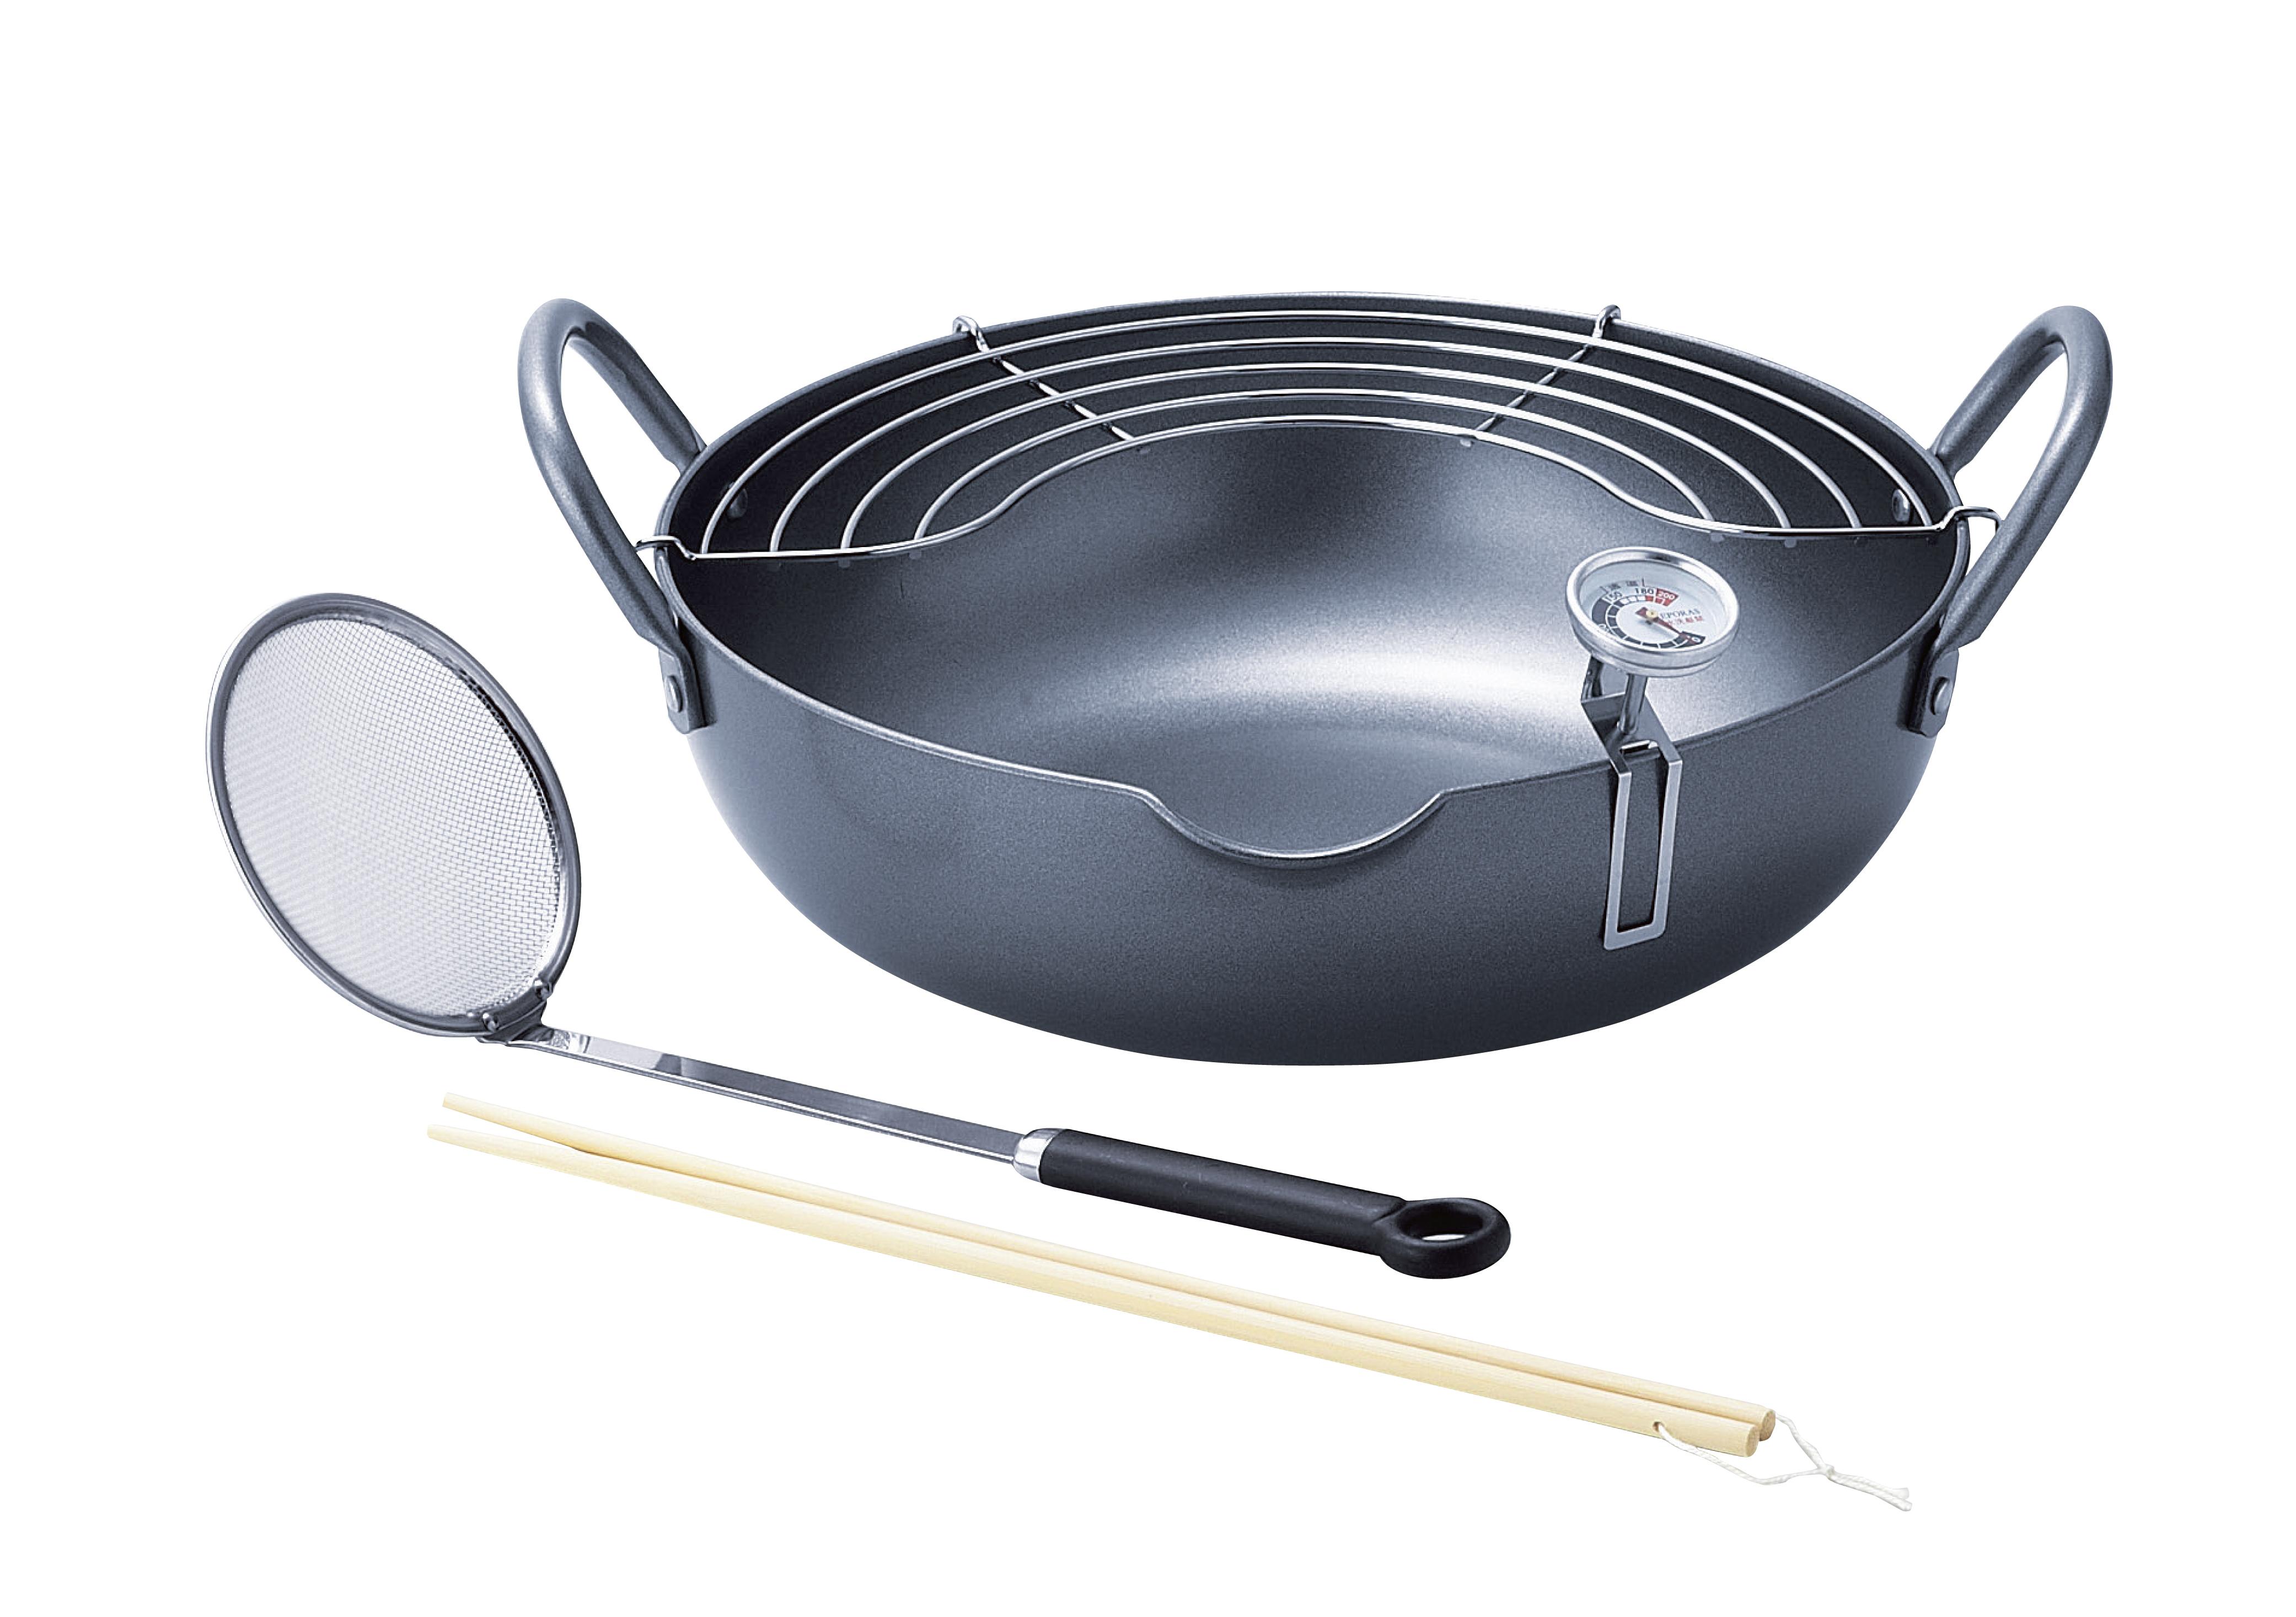 【タマハシ】揚げ鍋28cm 約径28×高さ8.5cm・適正油量1.6L・重量約3kg